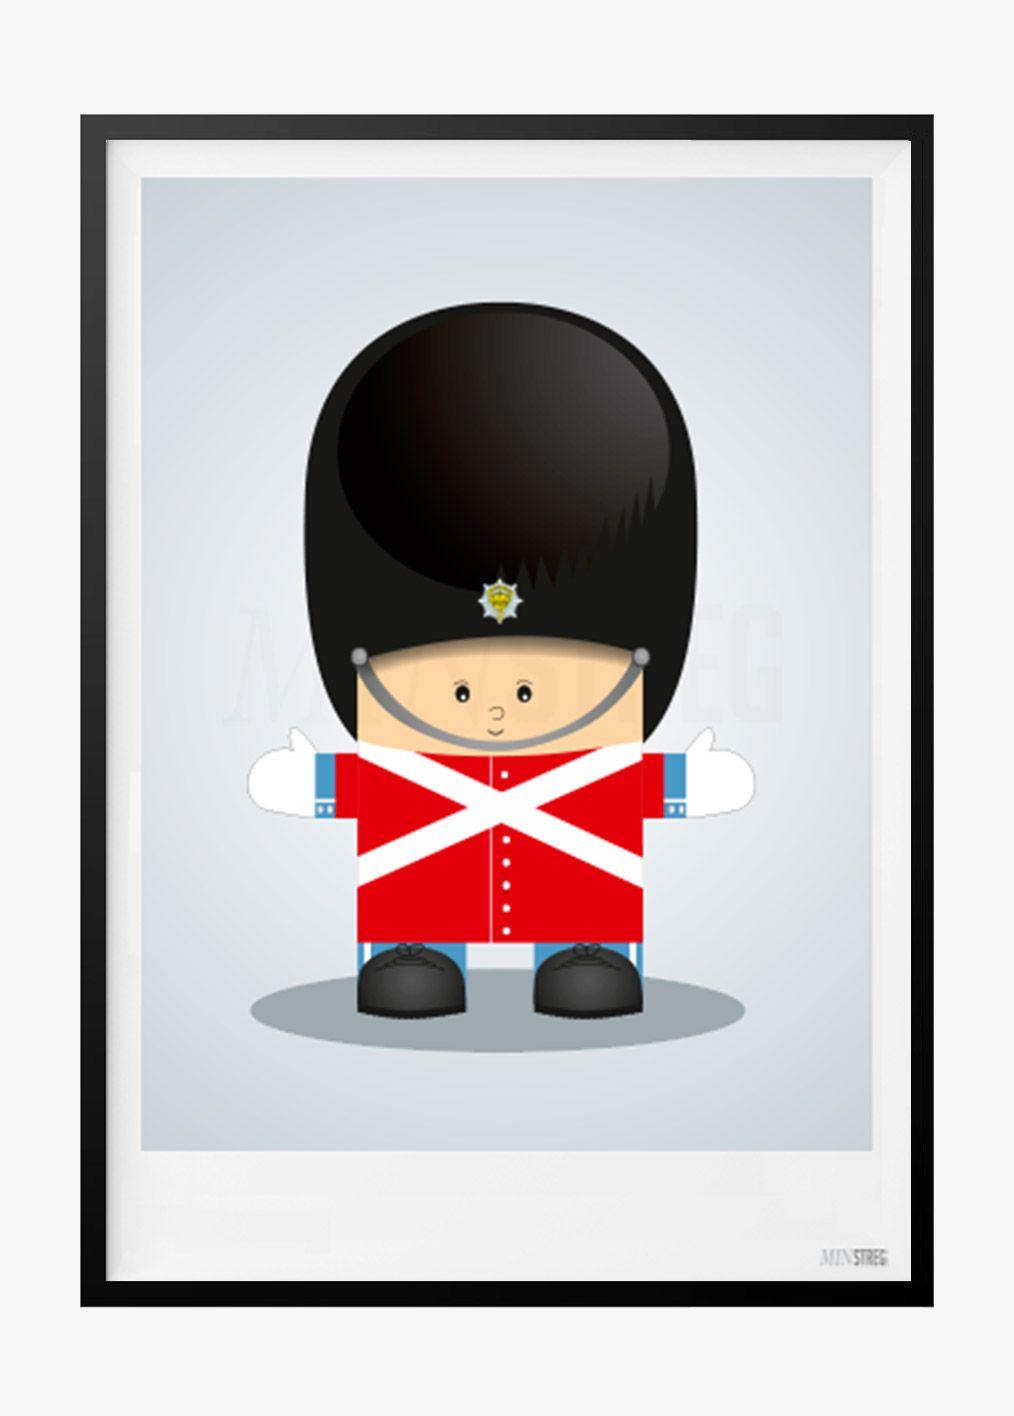 Borneplakat Med Lille Soldat I Rod Perfekt Plakat Til Drengevaerelset Plakaten Fas I 4 Storelser Fra 39 Plakater Soldat Drengevaerelse